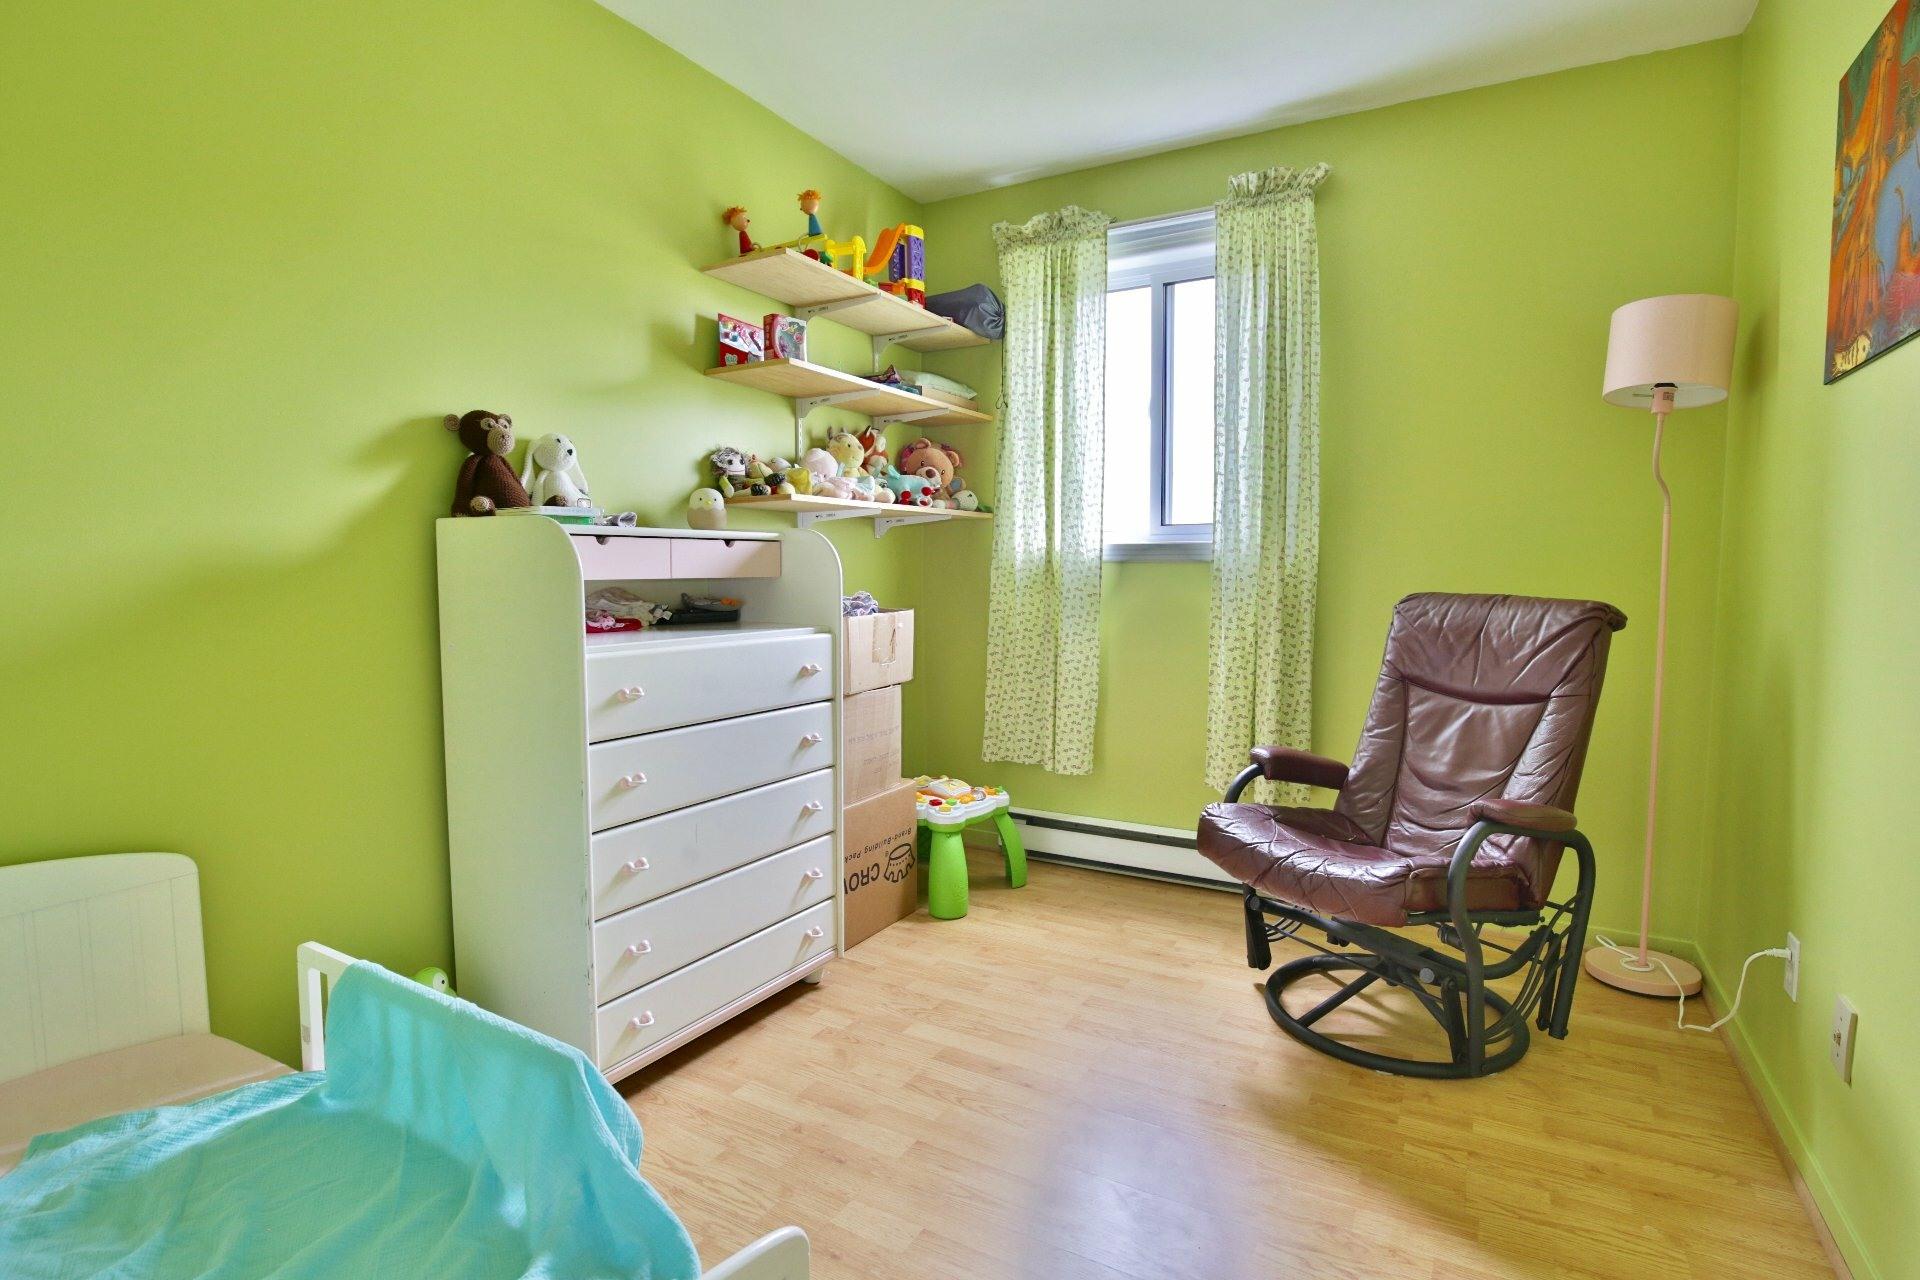 image 14 - Appartement À vendre Le Vieux-Longueuil Longueuil  - 6 pièces